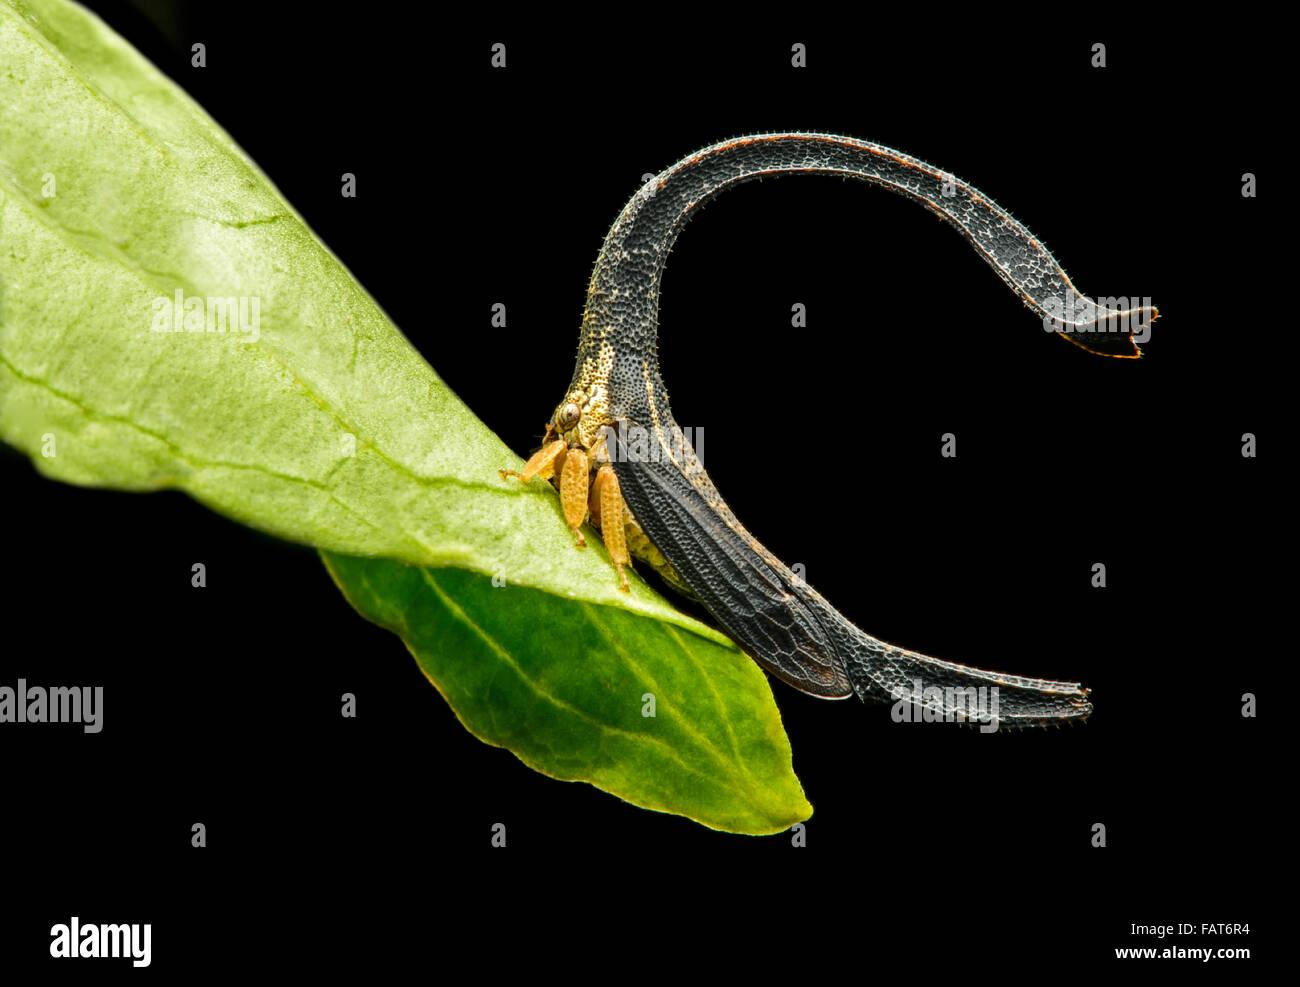 Treehopper (Cladonota sp.), taille 4mm, de la forêt de nuages andine, Mindo, Equateur Banque D'Images